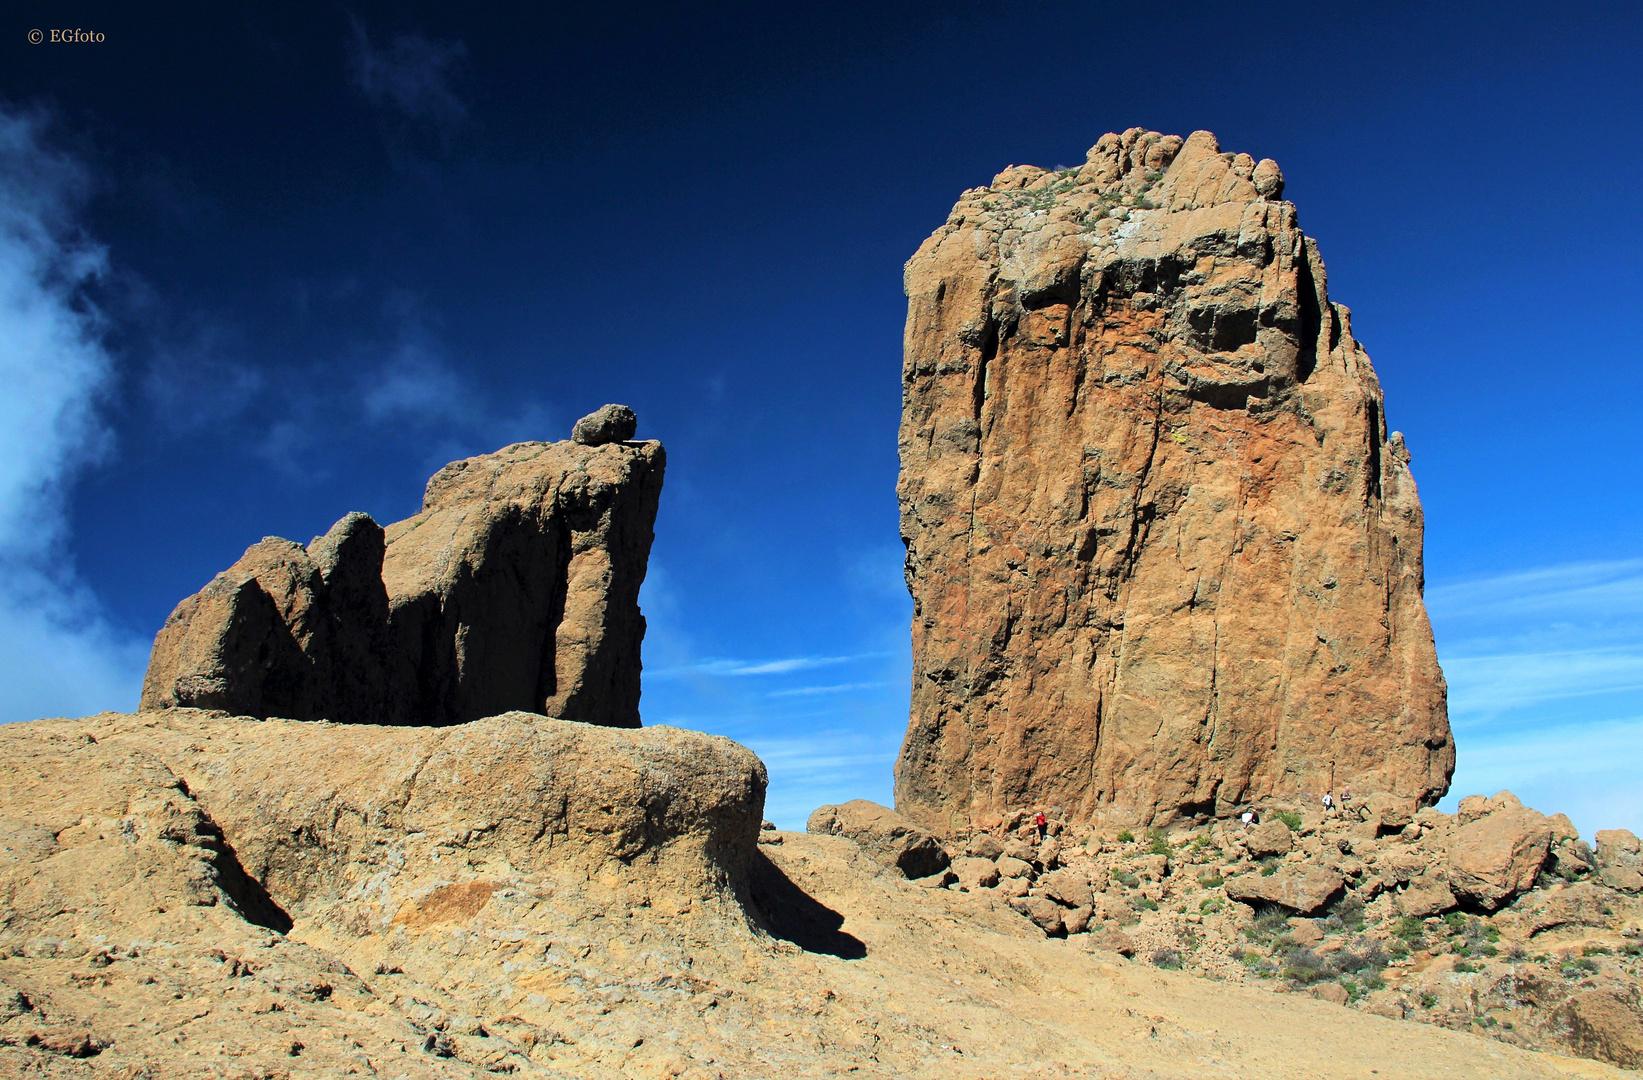 »Der Froschfelsen und der Wolkenfels« (Roque de la Rana und Roque Nublo)